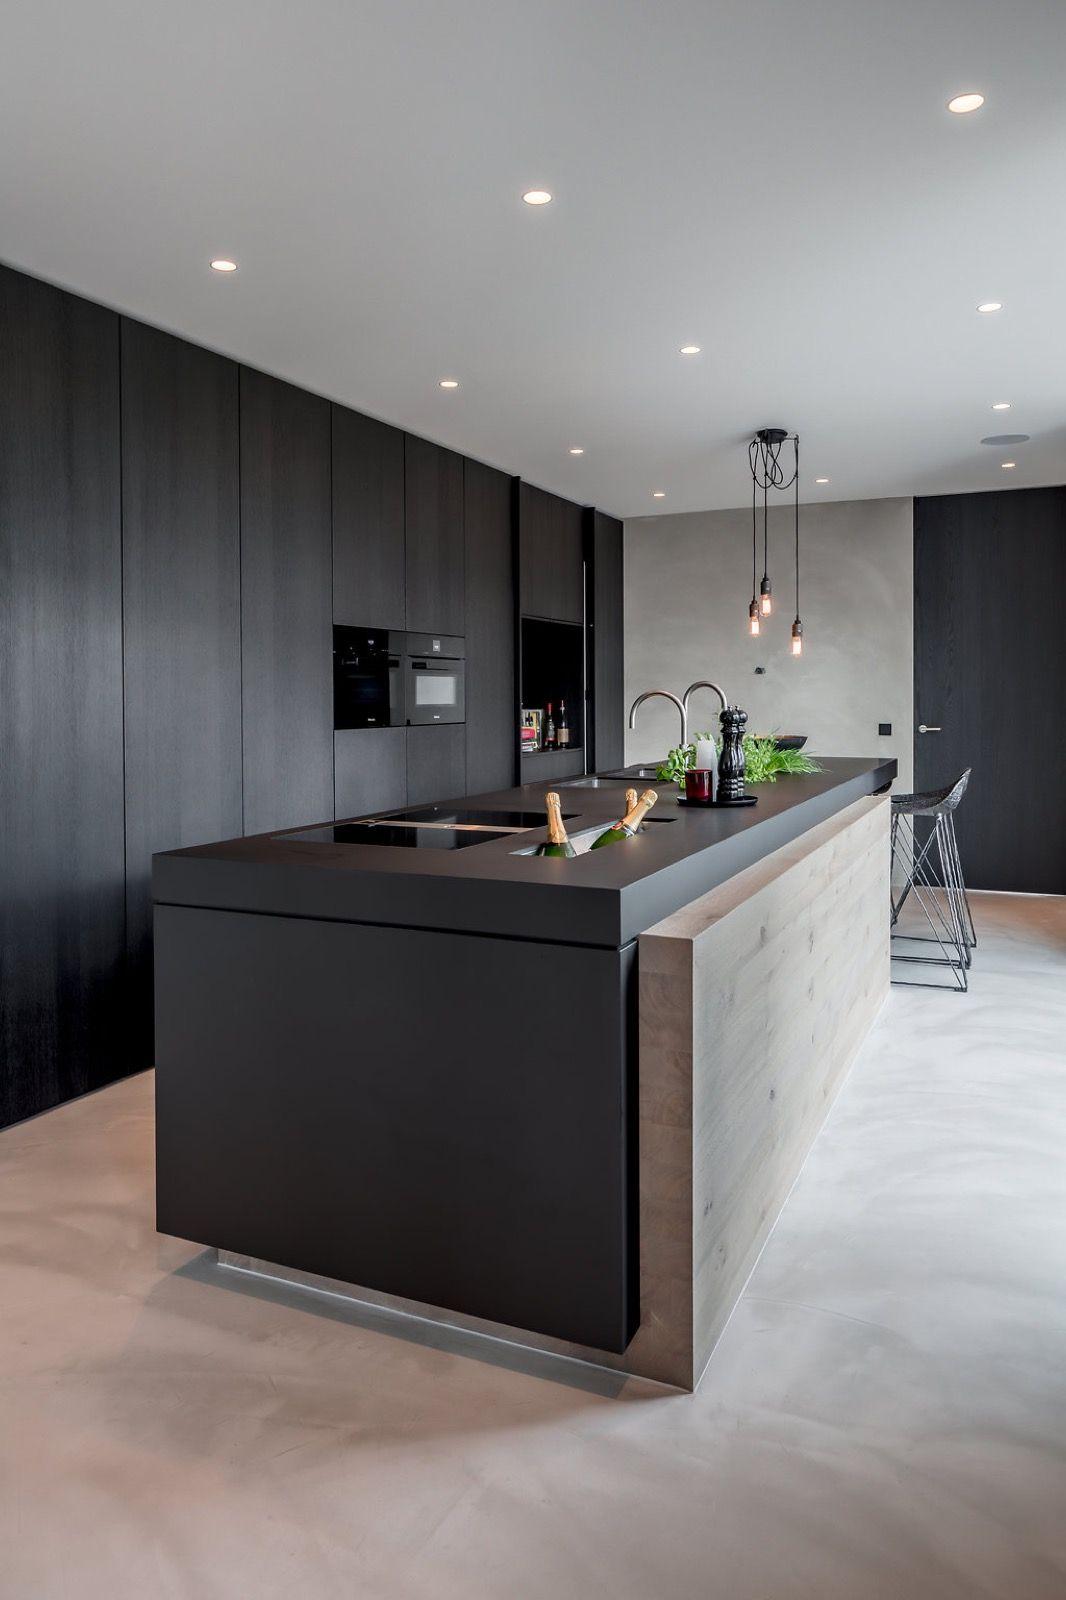 Épinglé par Katy Jorge sur Cuisine | Modern kitchen design, Kitchen ...